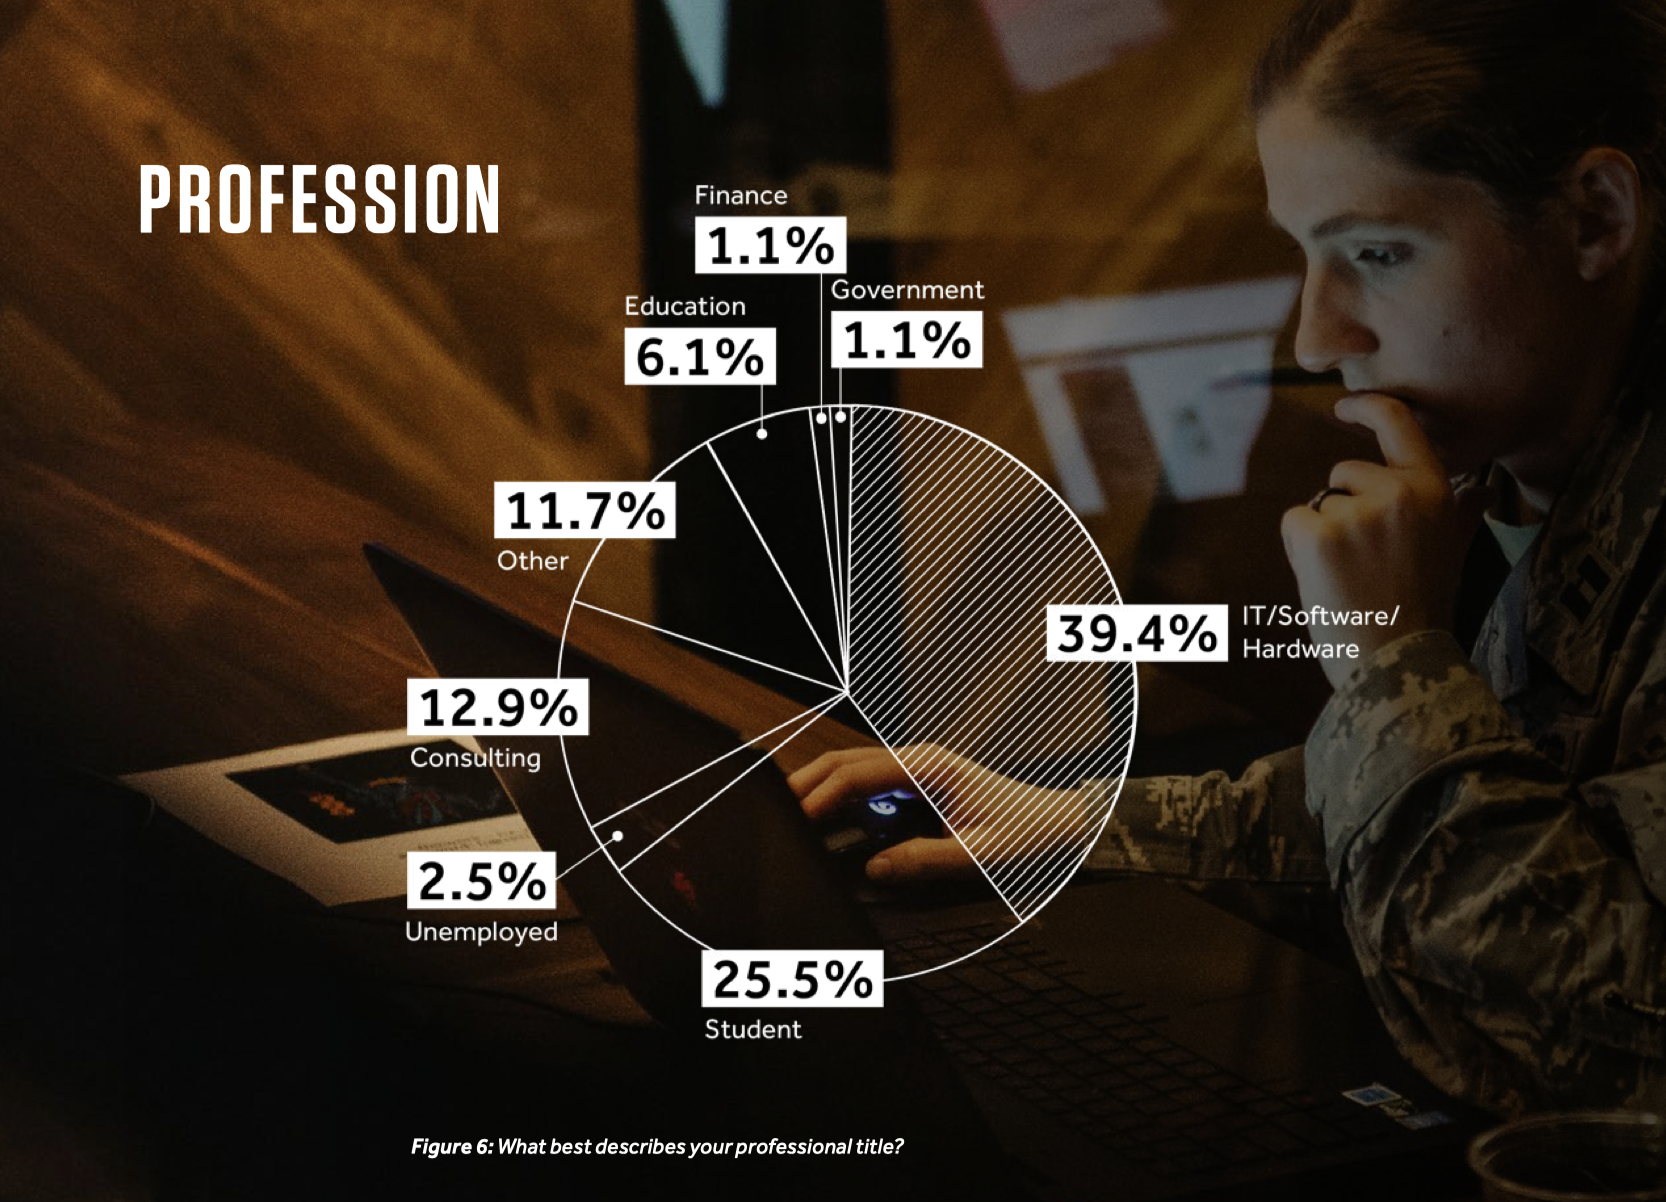 2019 HackerOne黑客报告:白帽收入最高竟是普通程序员的40倍 -互联网之家